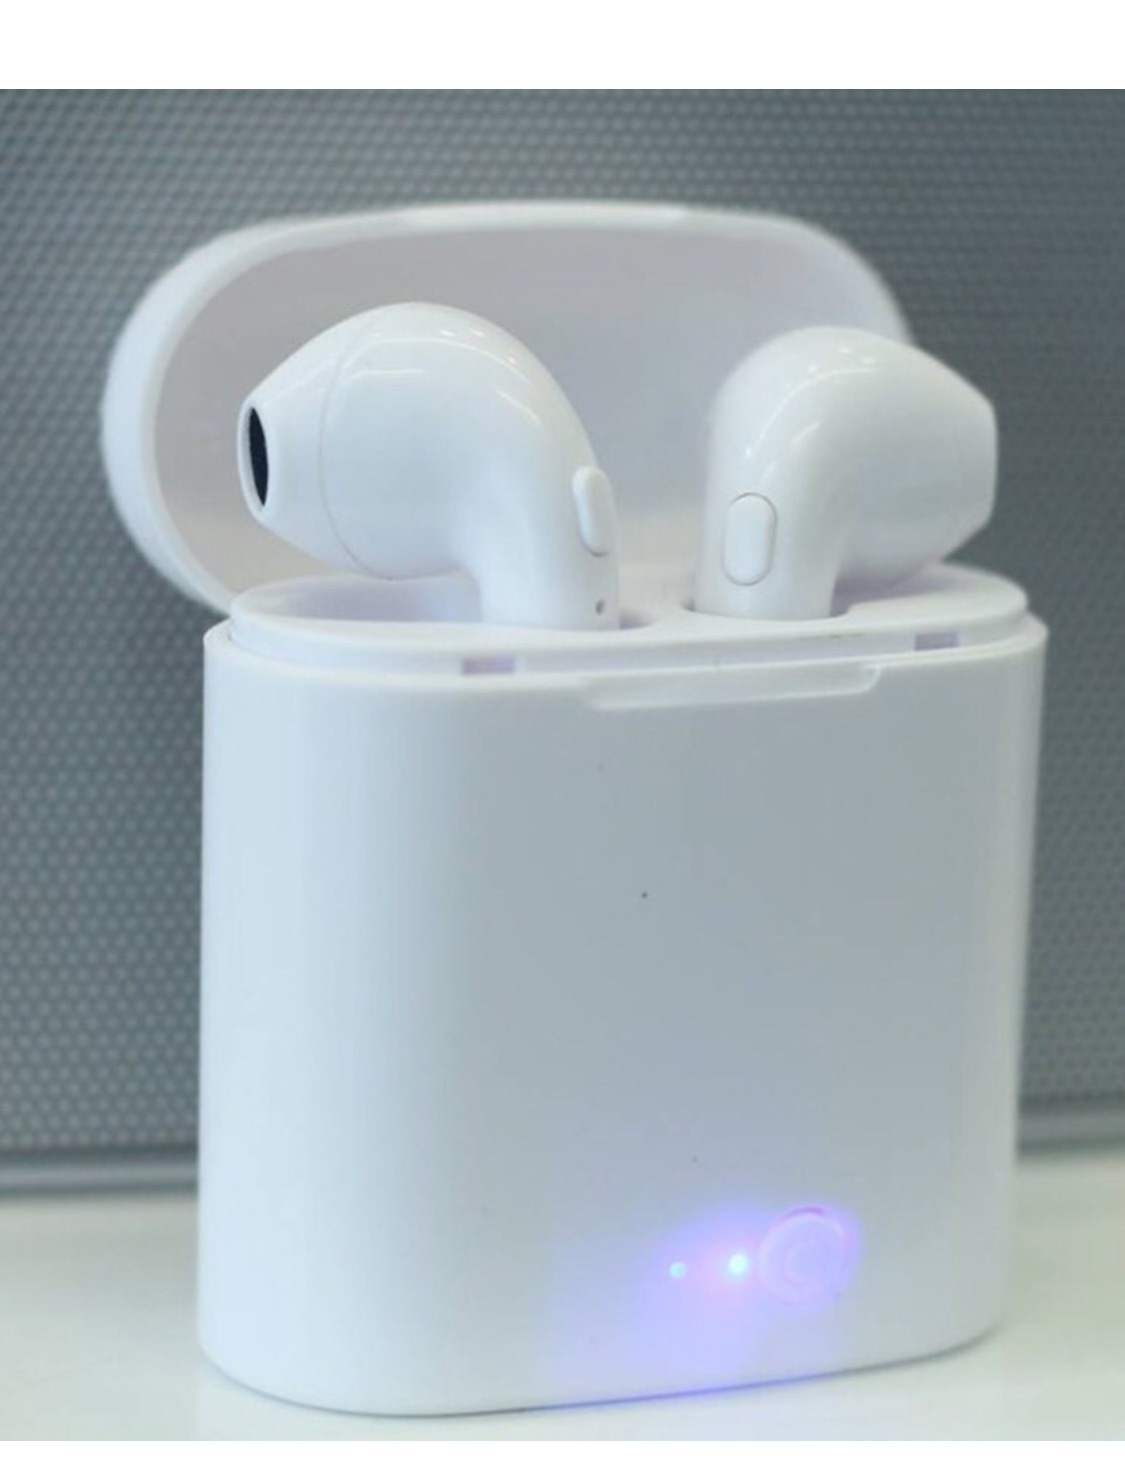 Tai nghe Bluetooth có cốc sạc TWS - i7.S - Hàng nhập khẩu